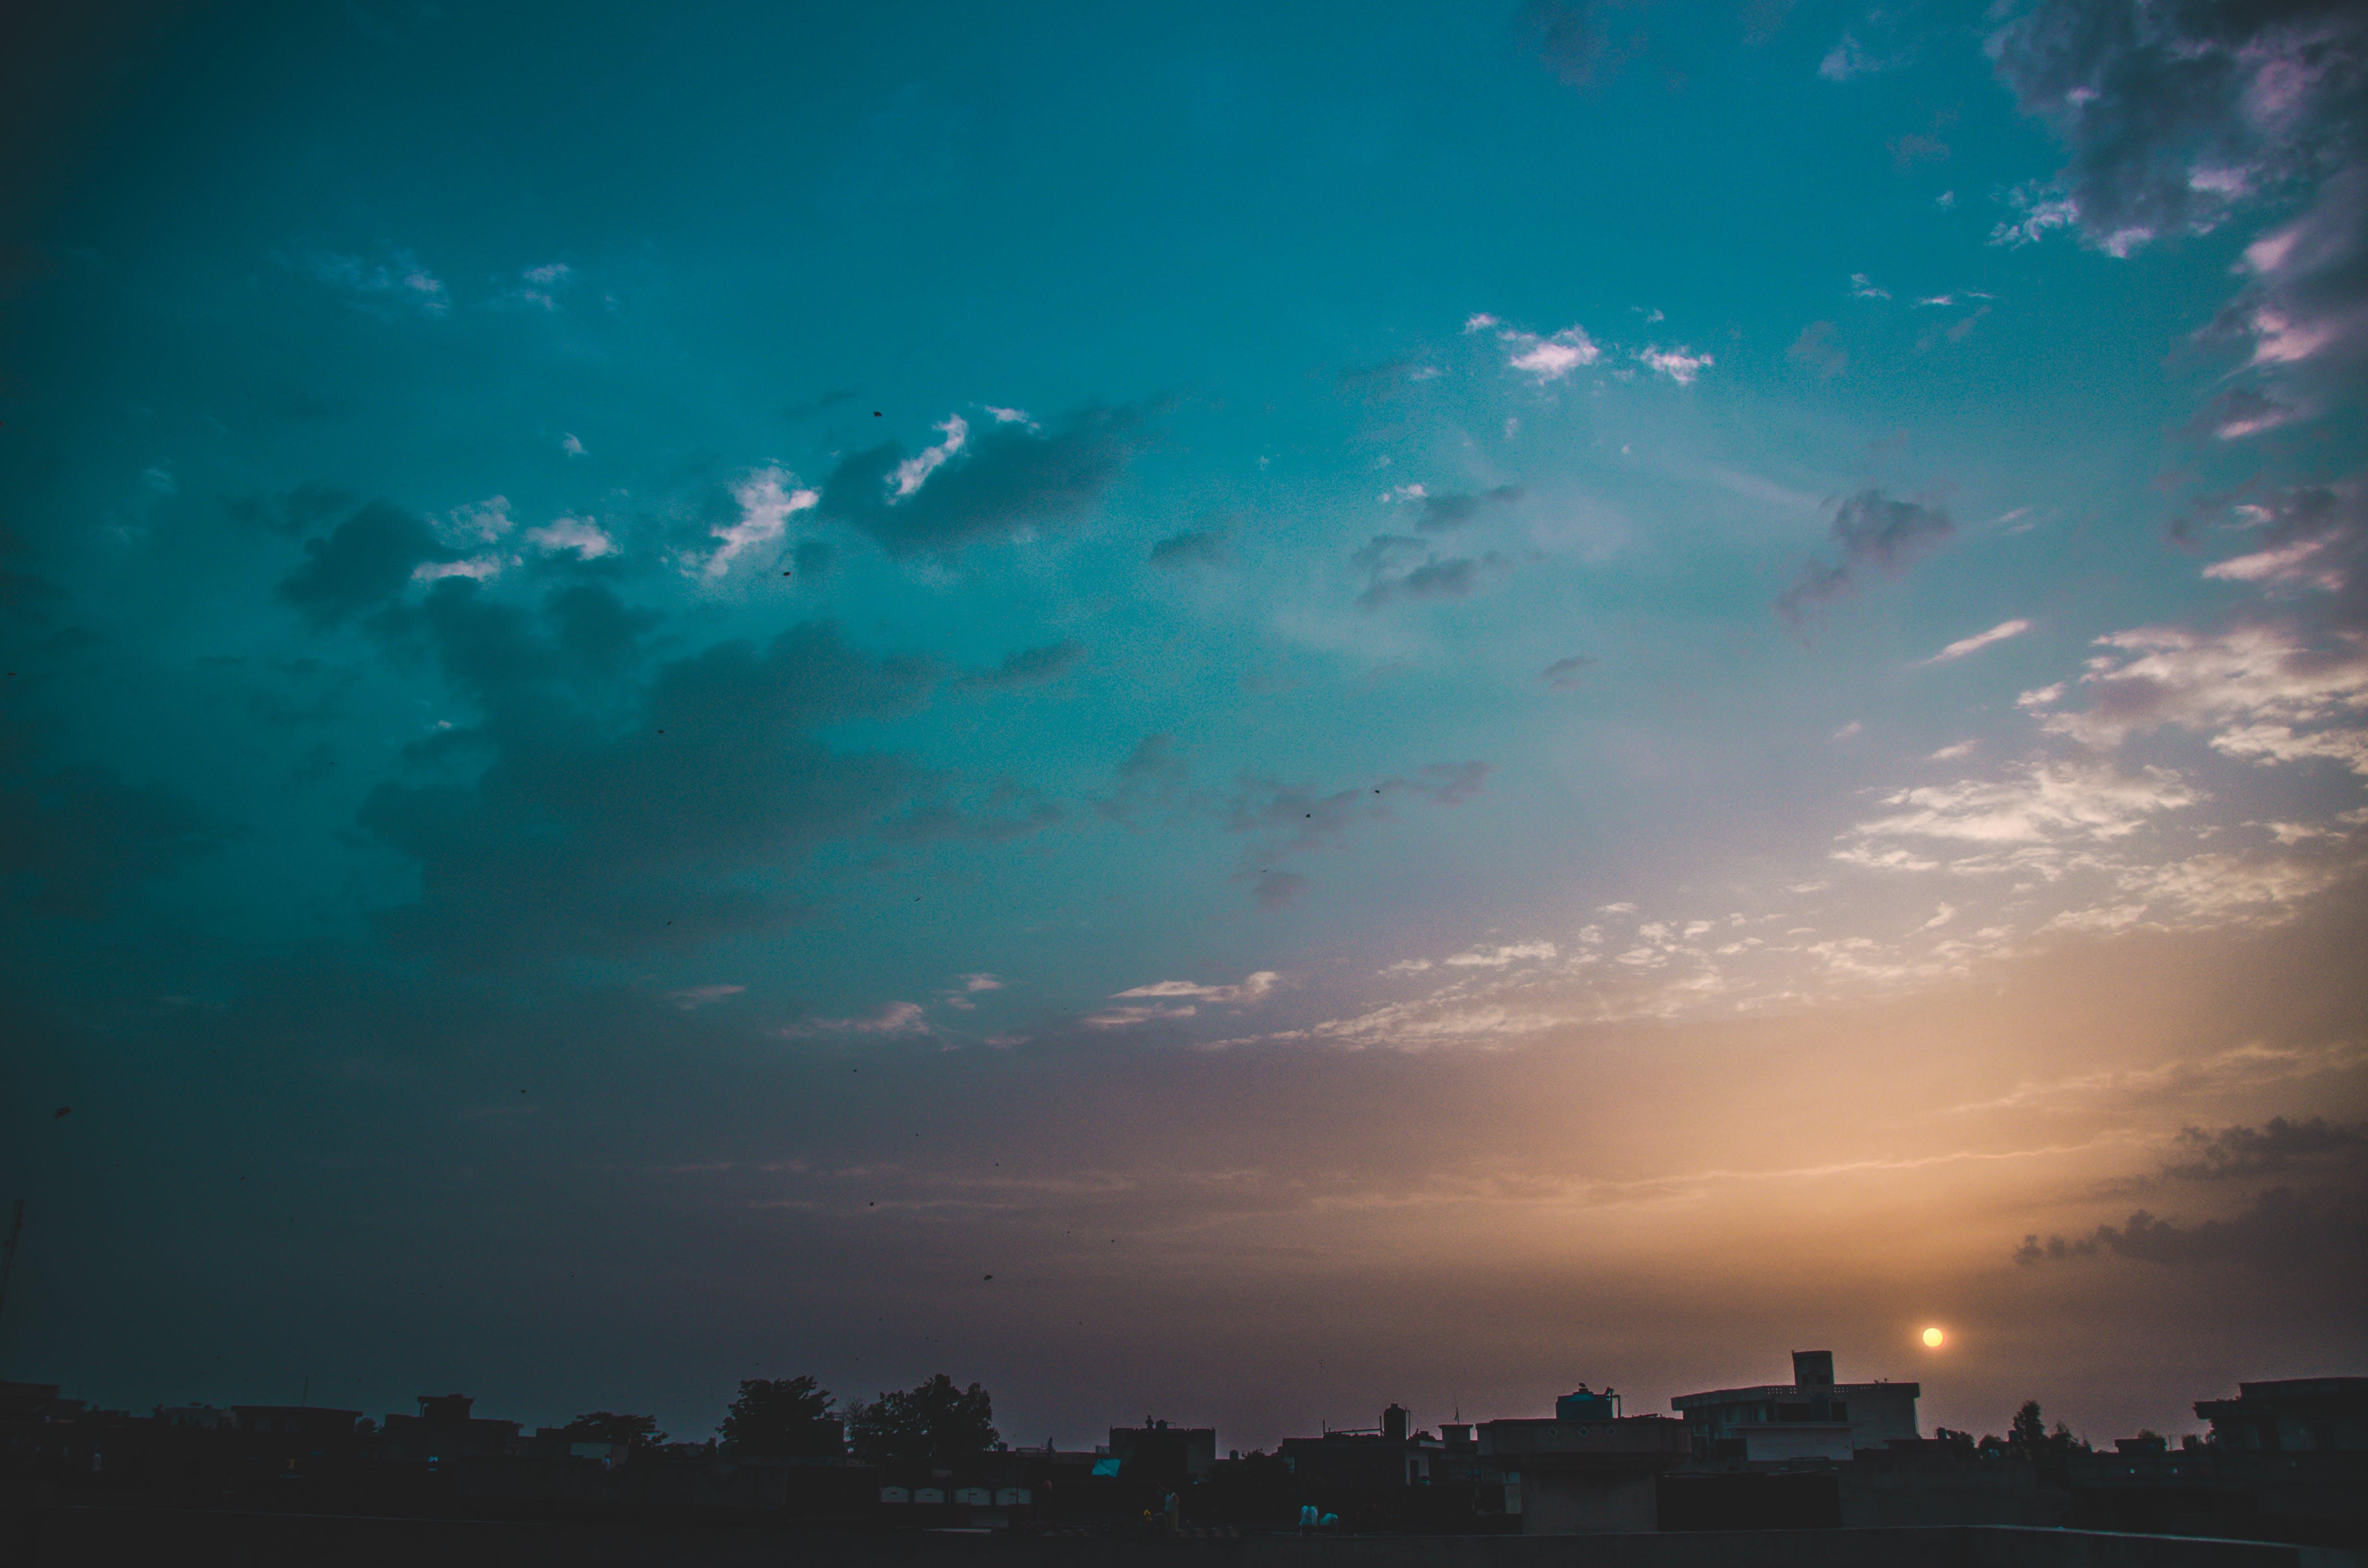 Kostenloses Stock Foto zu abendhimmel, abendsonne, blauer himmel, coole hintergrundbilder